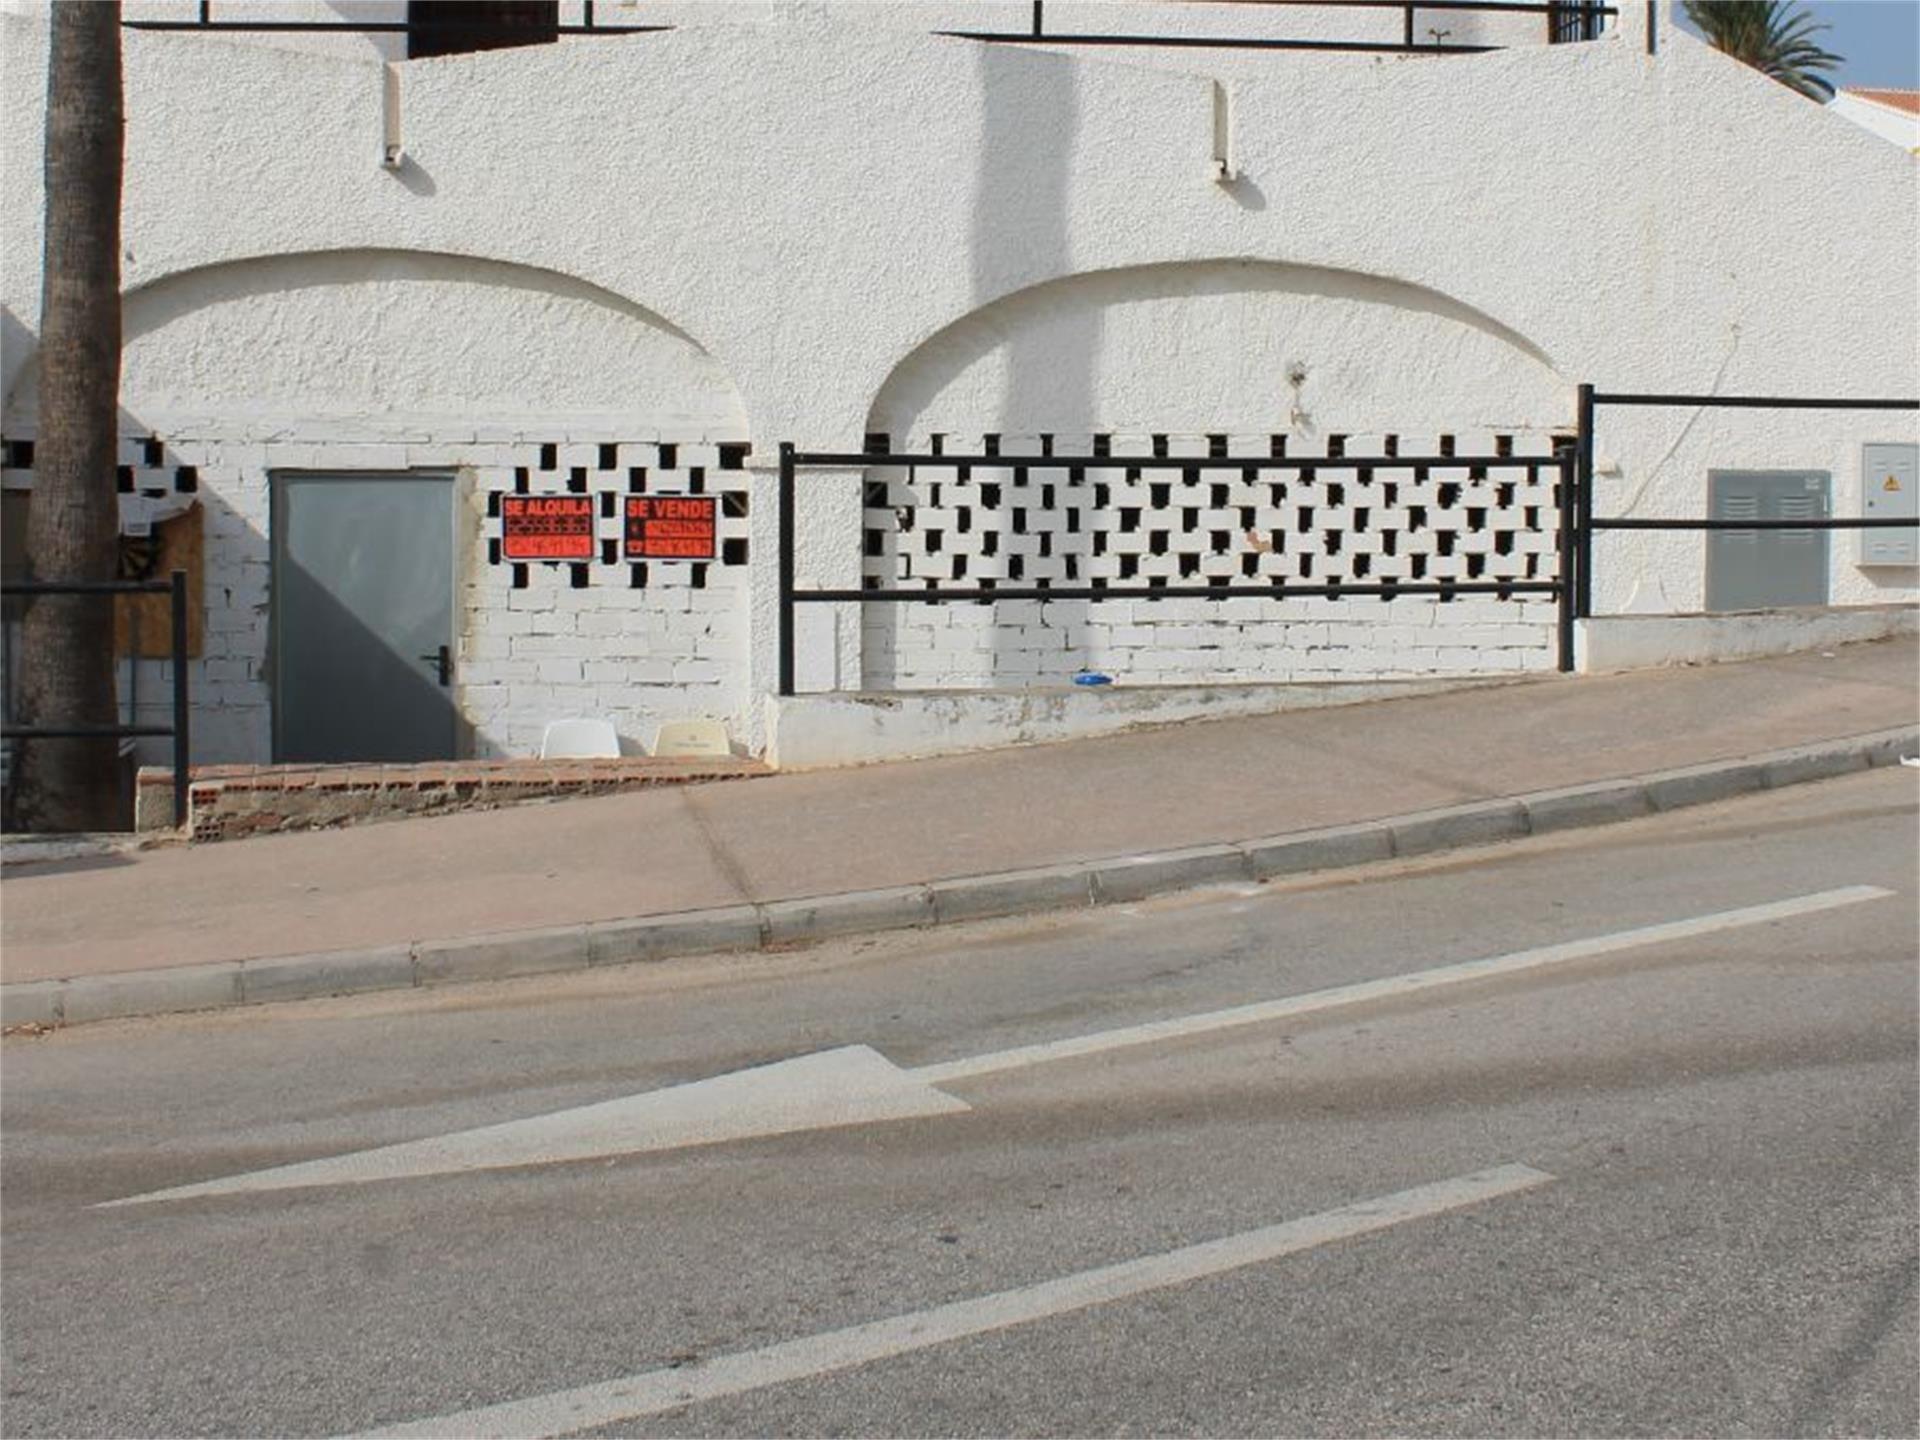 Local de alquiler en Calle de Mijas de el Faro, 13, El Faro de Calaburra - Chaparral (El Faro, Málaga)